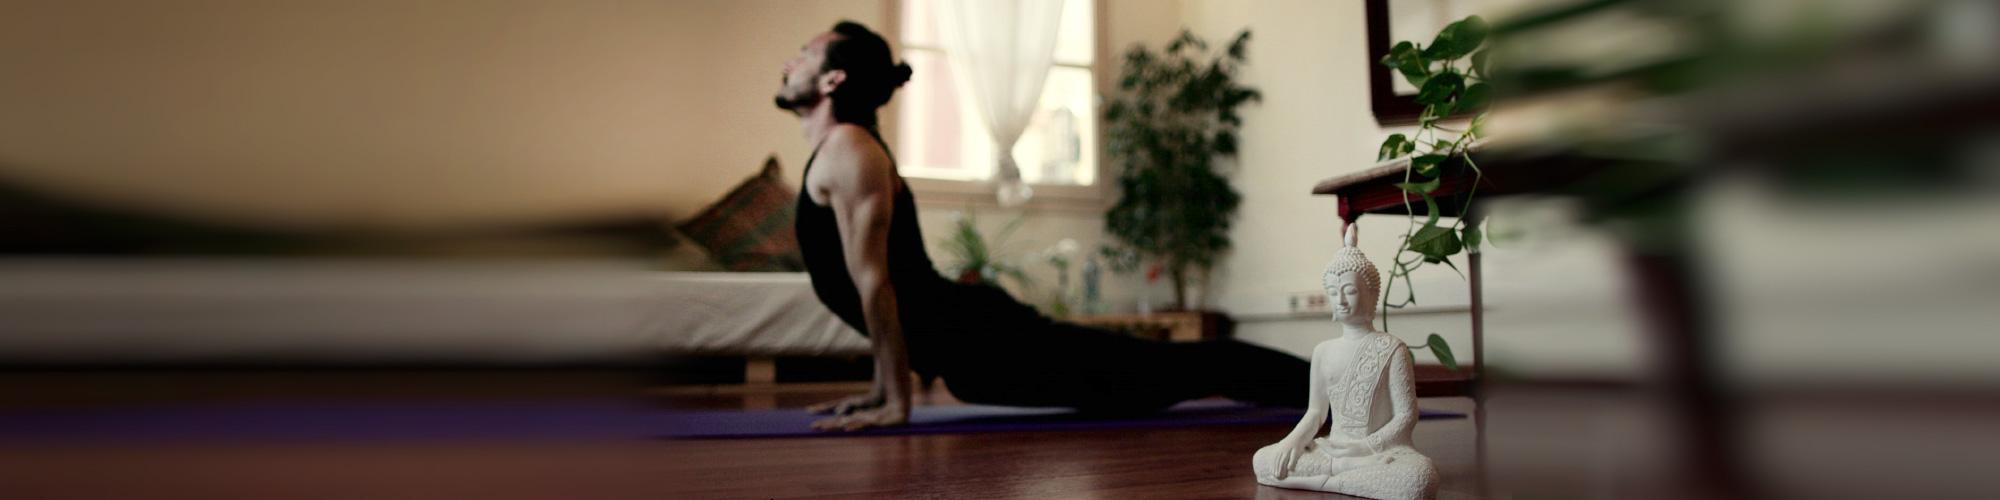 3 makkelijke yoga oefeningen voor beginners